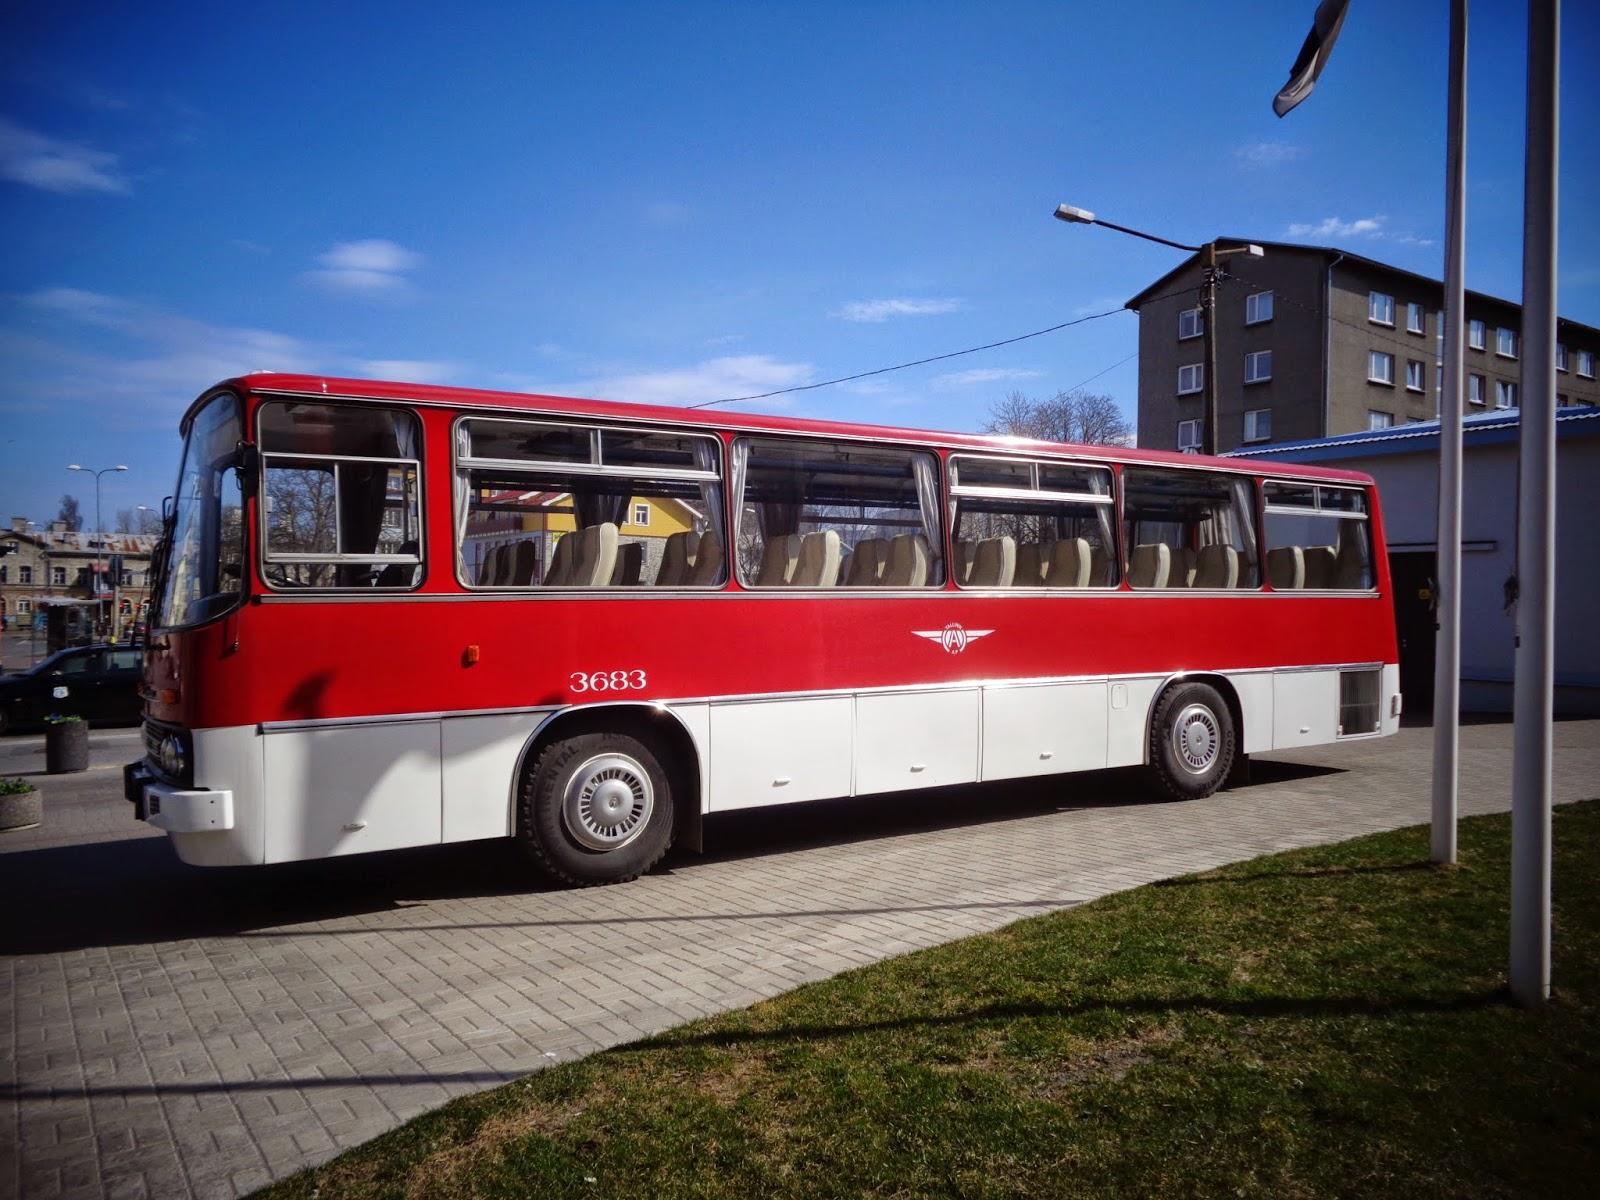 Eesti stiil estonian style ikarus bus Ikarus